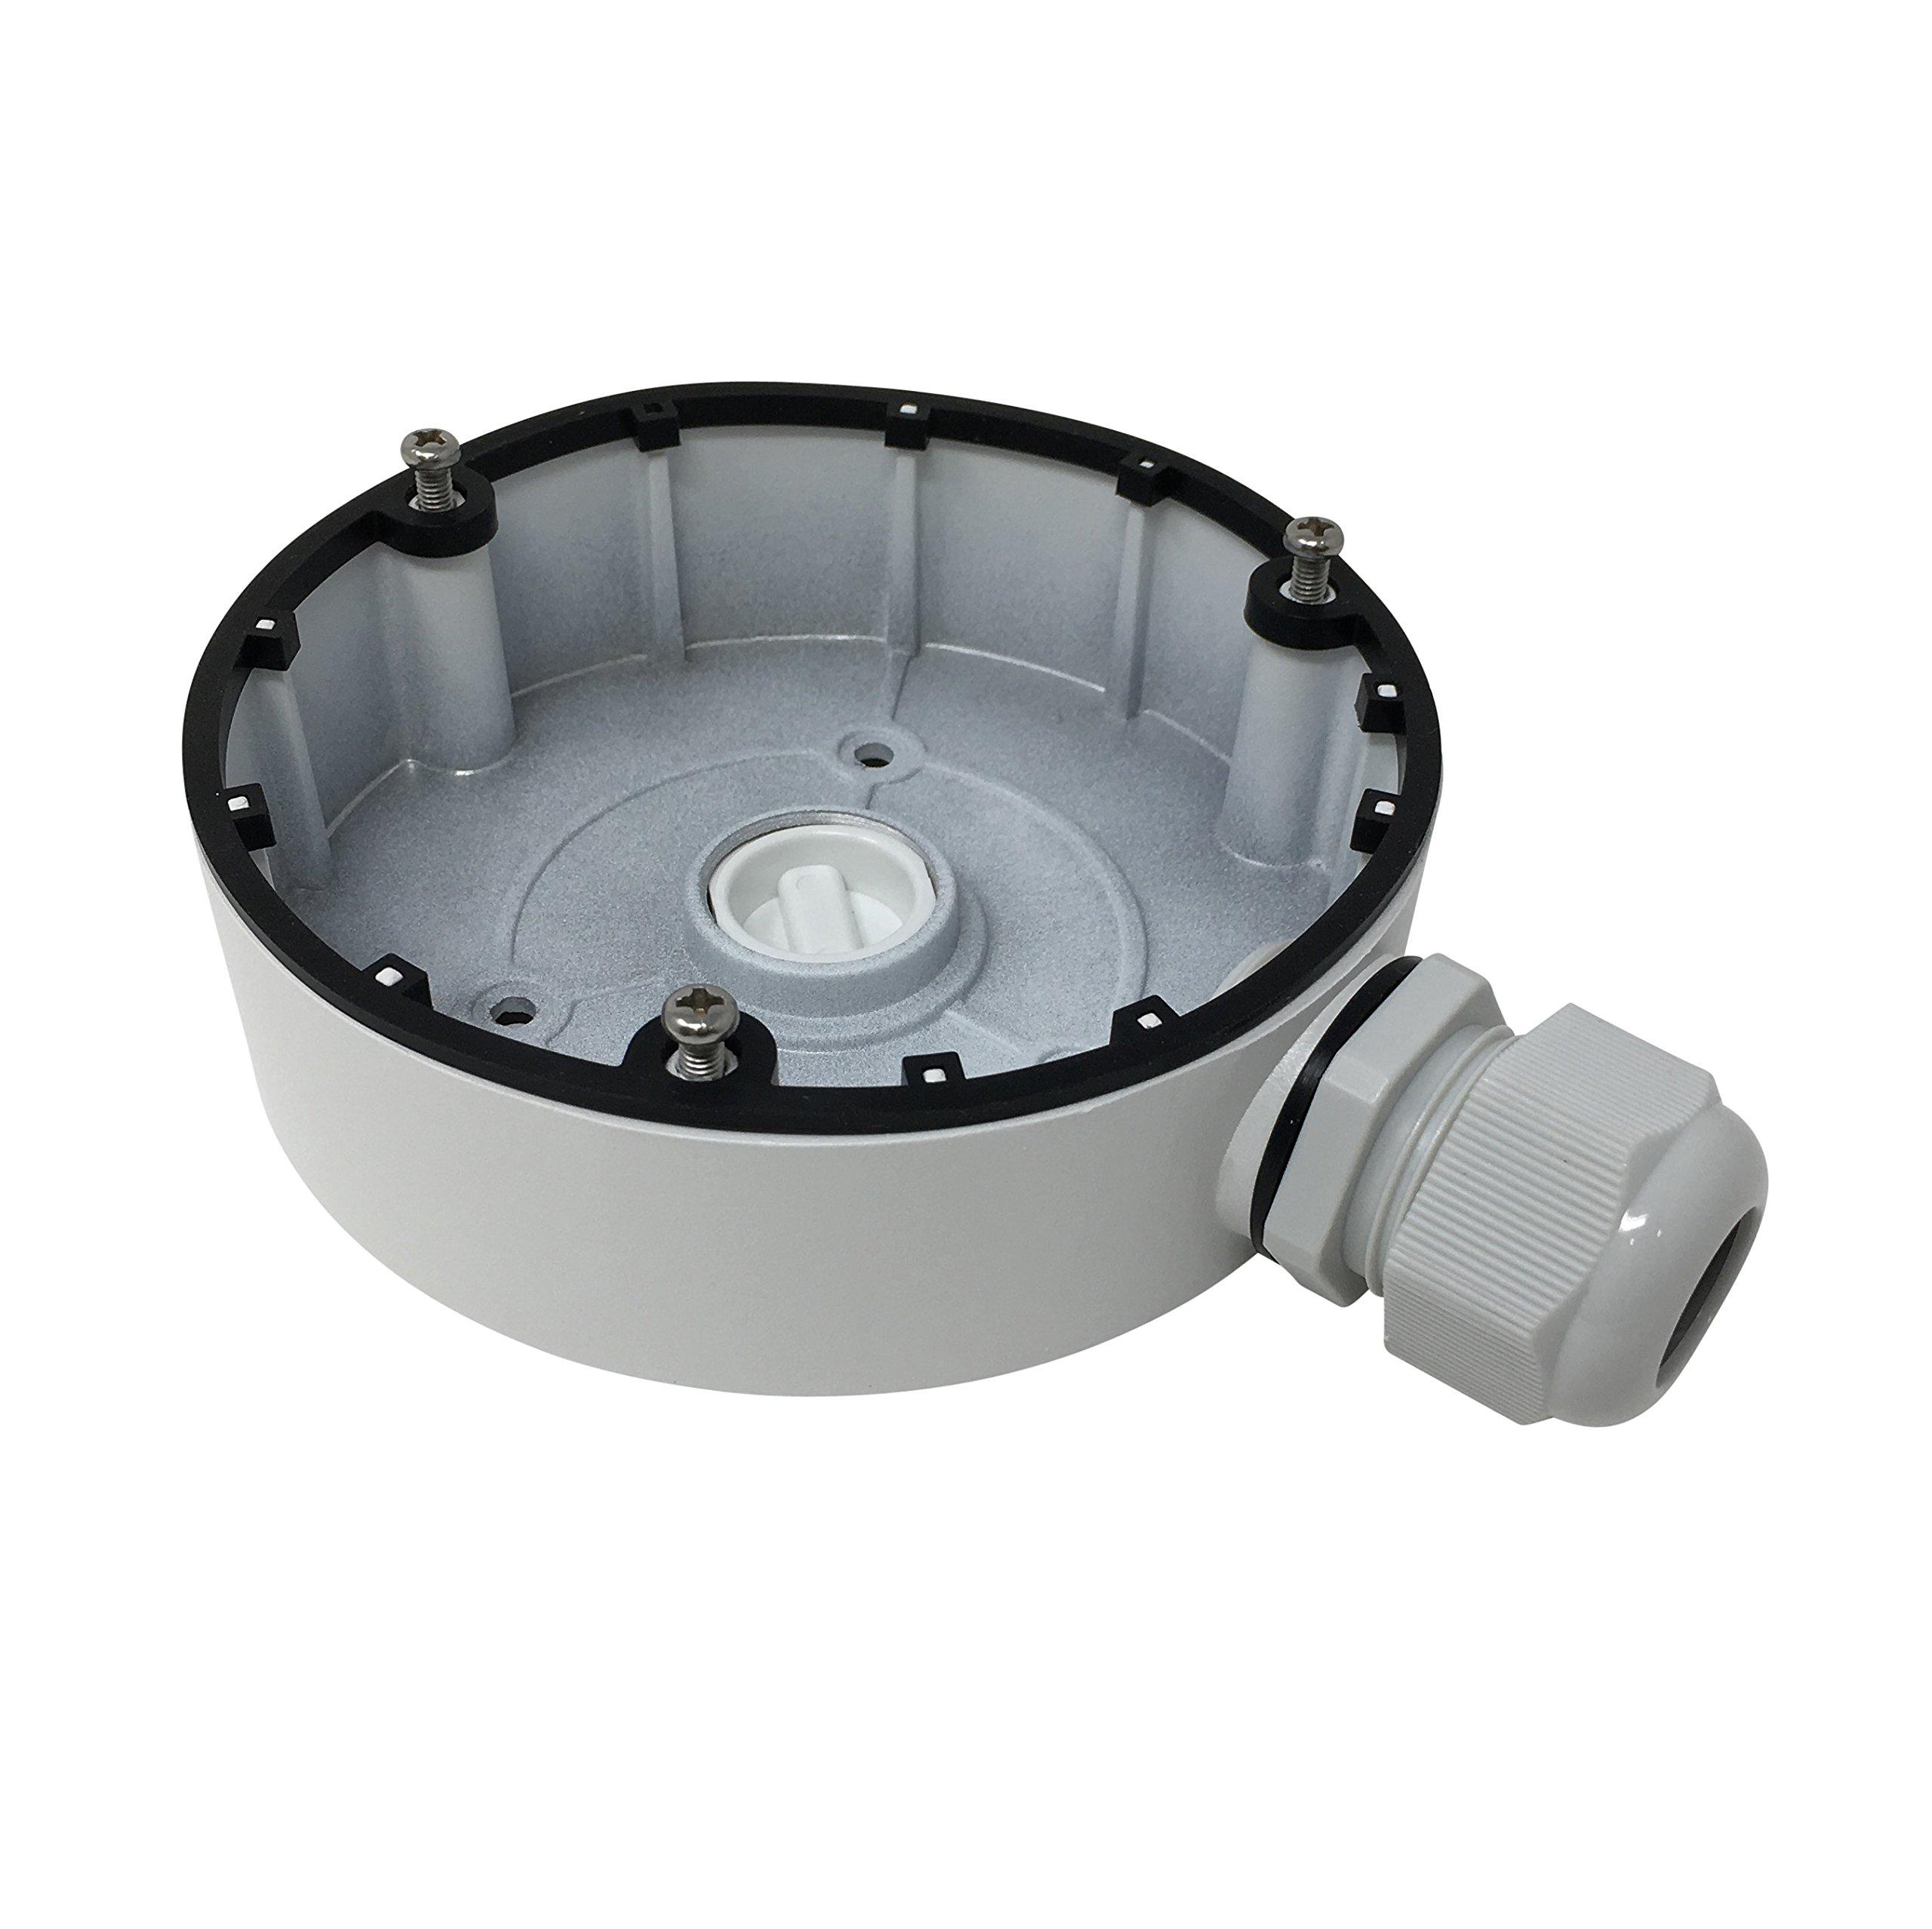 DS-1280ZJ-DM8 Junction Box Mount For Hikvision Turret Camera